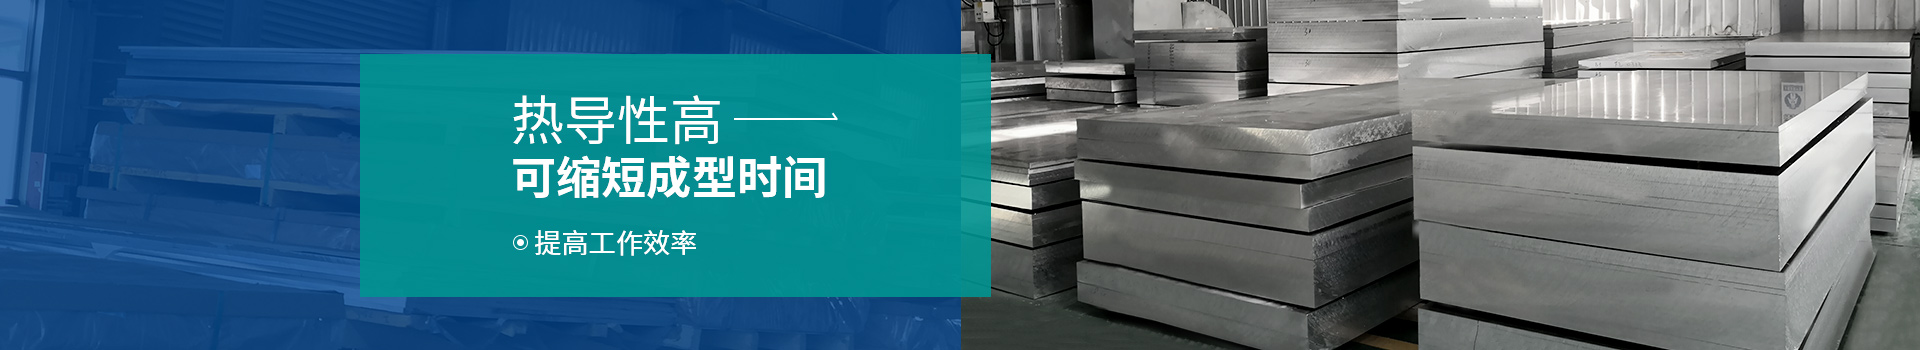 风雷益7075合金铝板可缩短成型时间